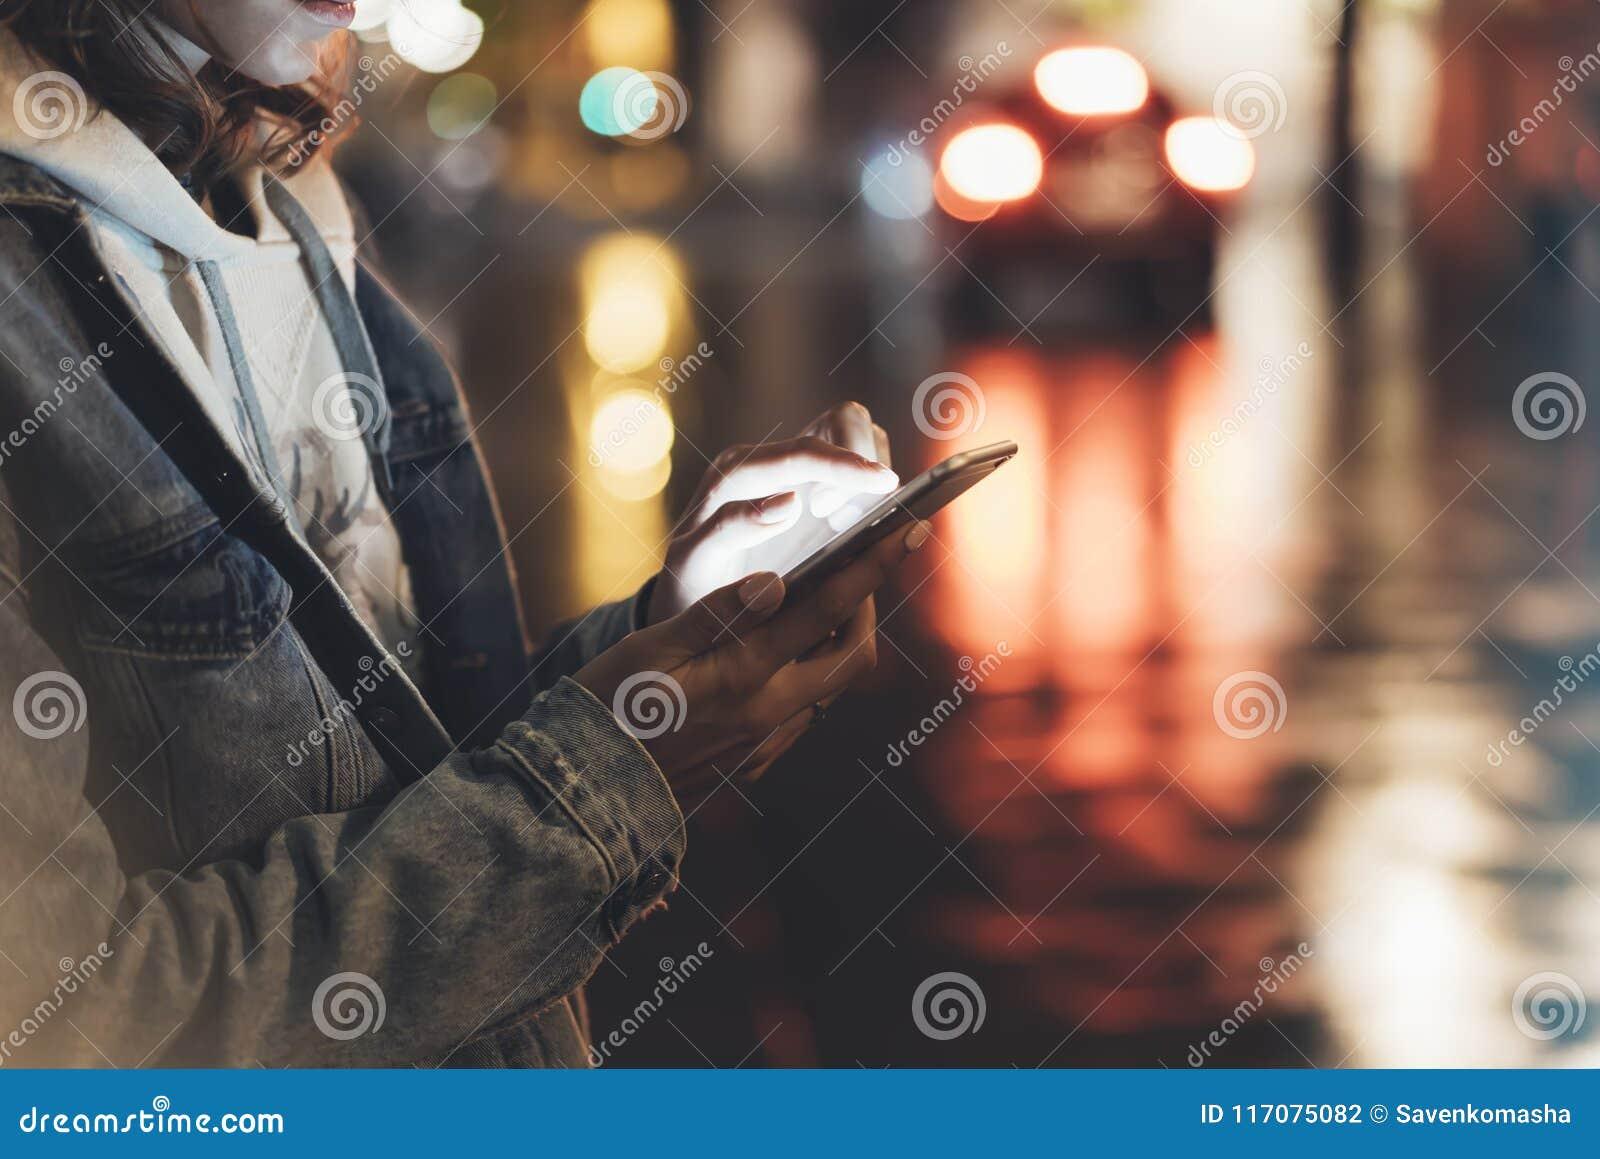 Mädchen, das Finger auf Schirm Smartphone auf Hintergrundbeleuchtung bokeh Farblicht in der Nachtatmosphärischen Stadt, Hippie he